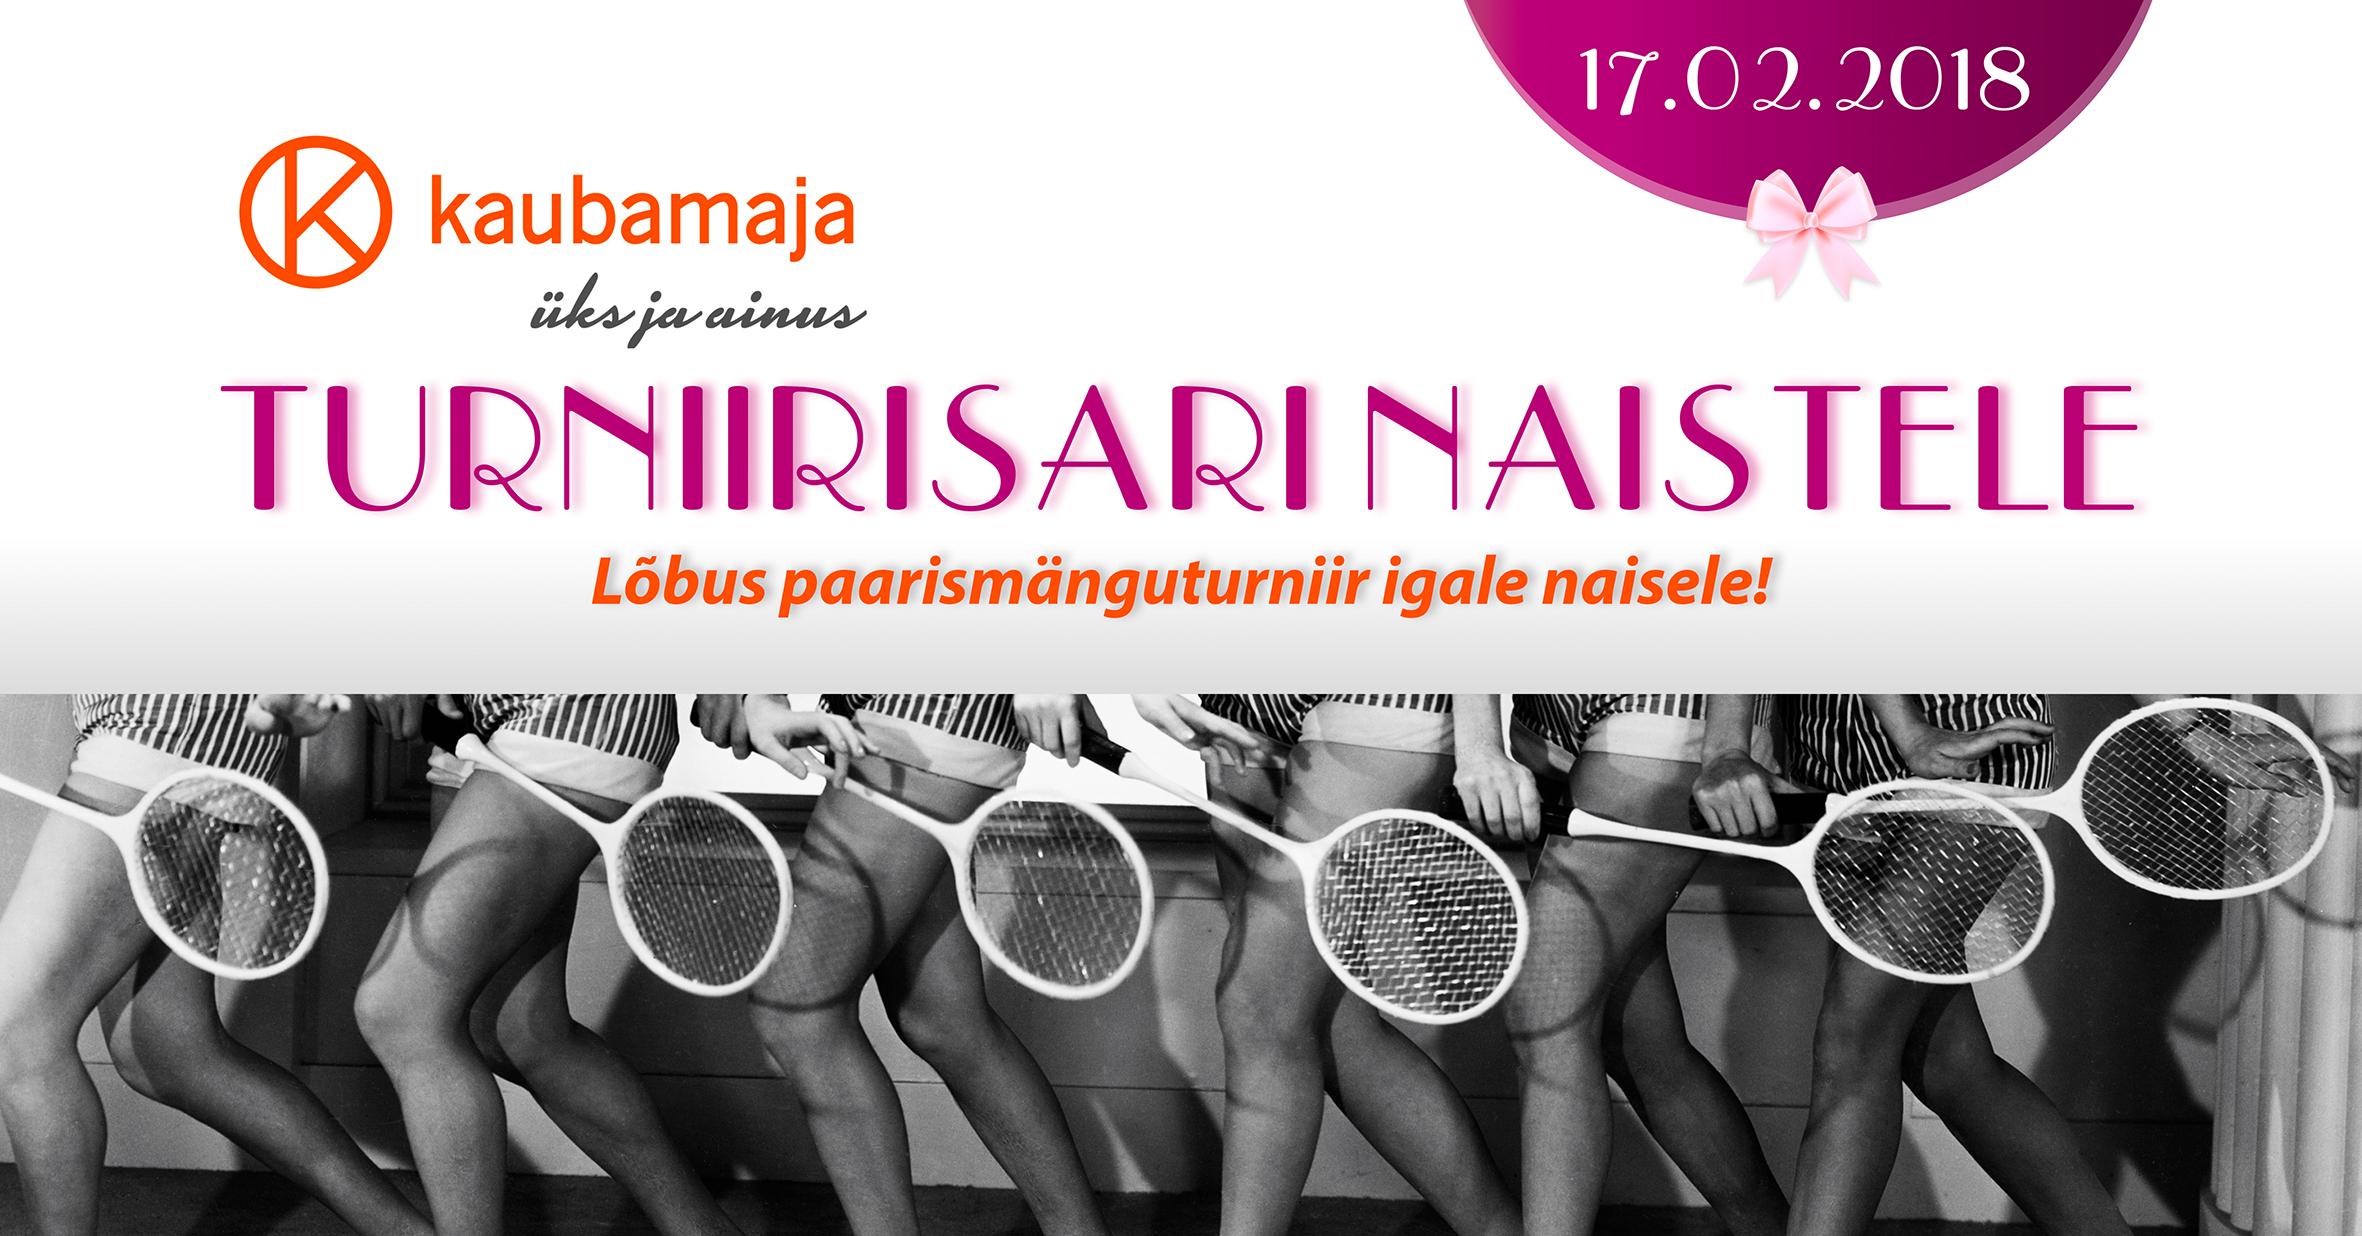 naiste turniirisari_fb event.jpg